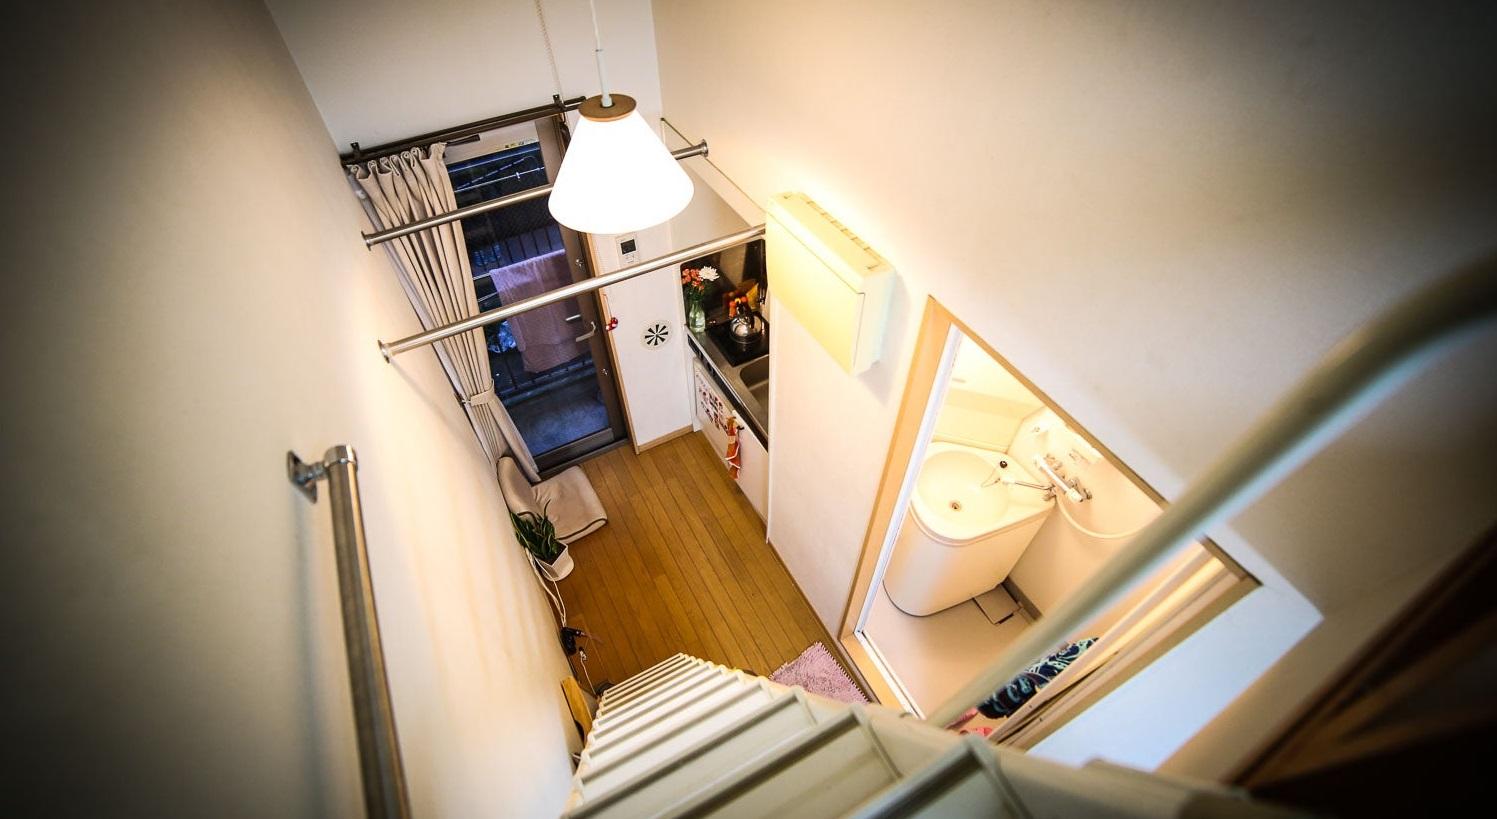 Предпочитают поменьше: покупатели квартир экономят на квадратных метрах